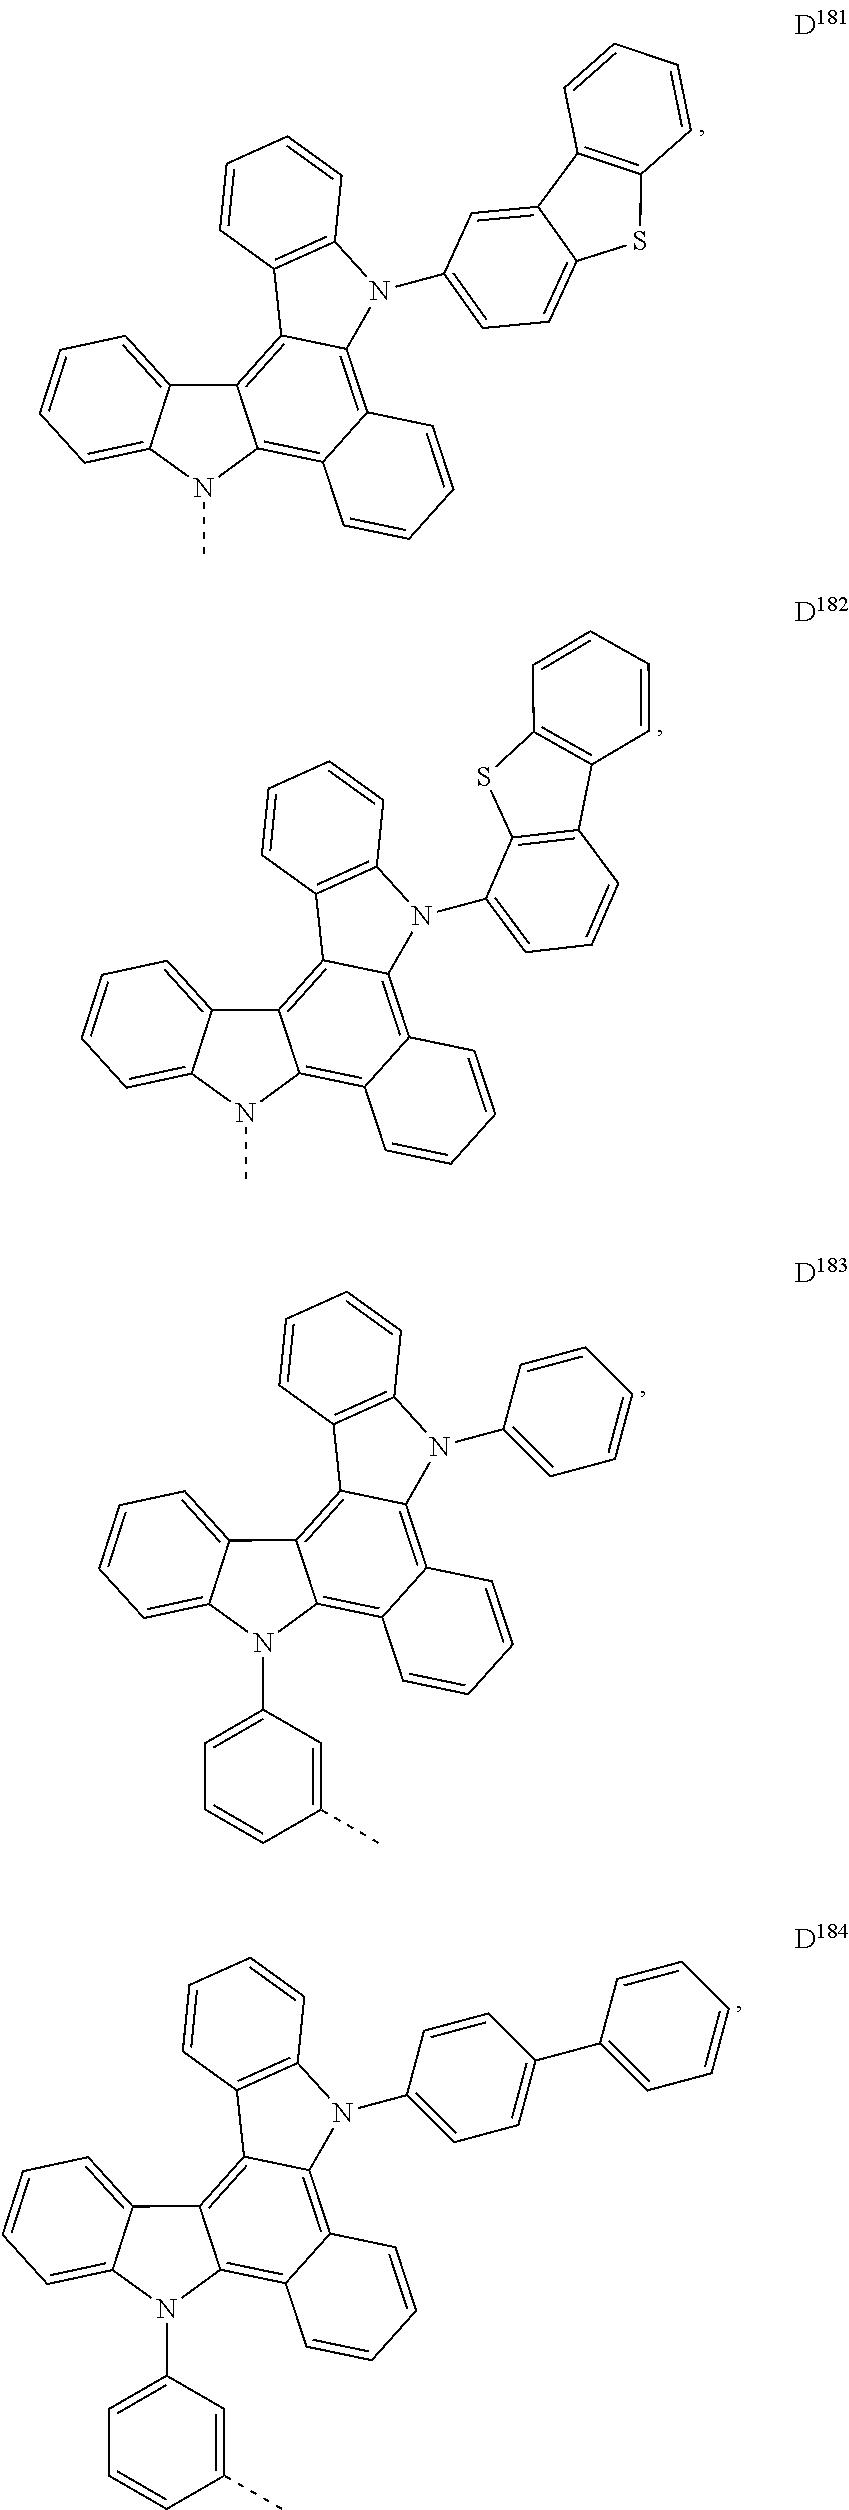 Figure US20170033295A1-20170202-C00231